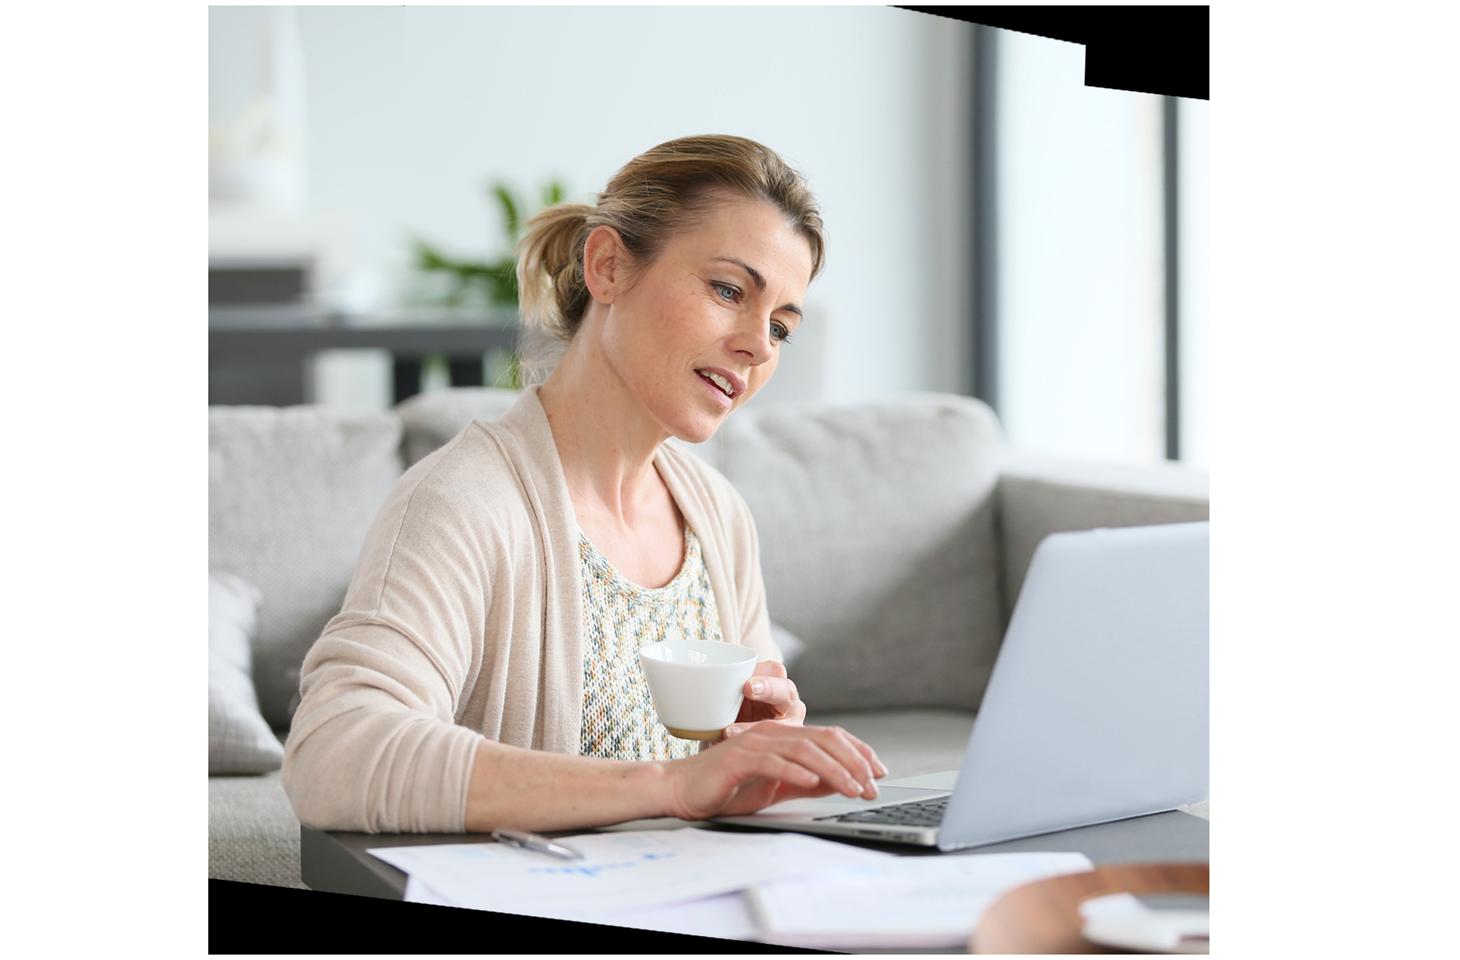 L'ergonomia di uno spazio di lavoro più salutare e produttivo | Blog ufficiale di Kaspersky